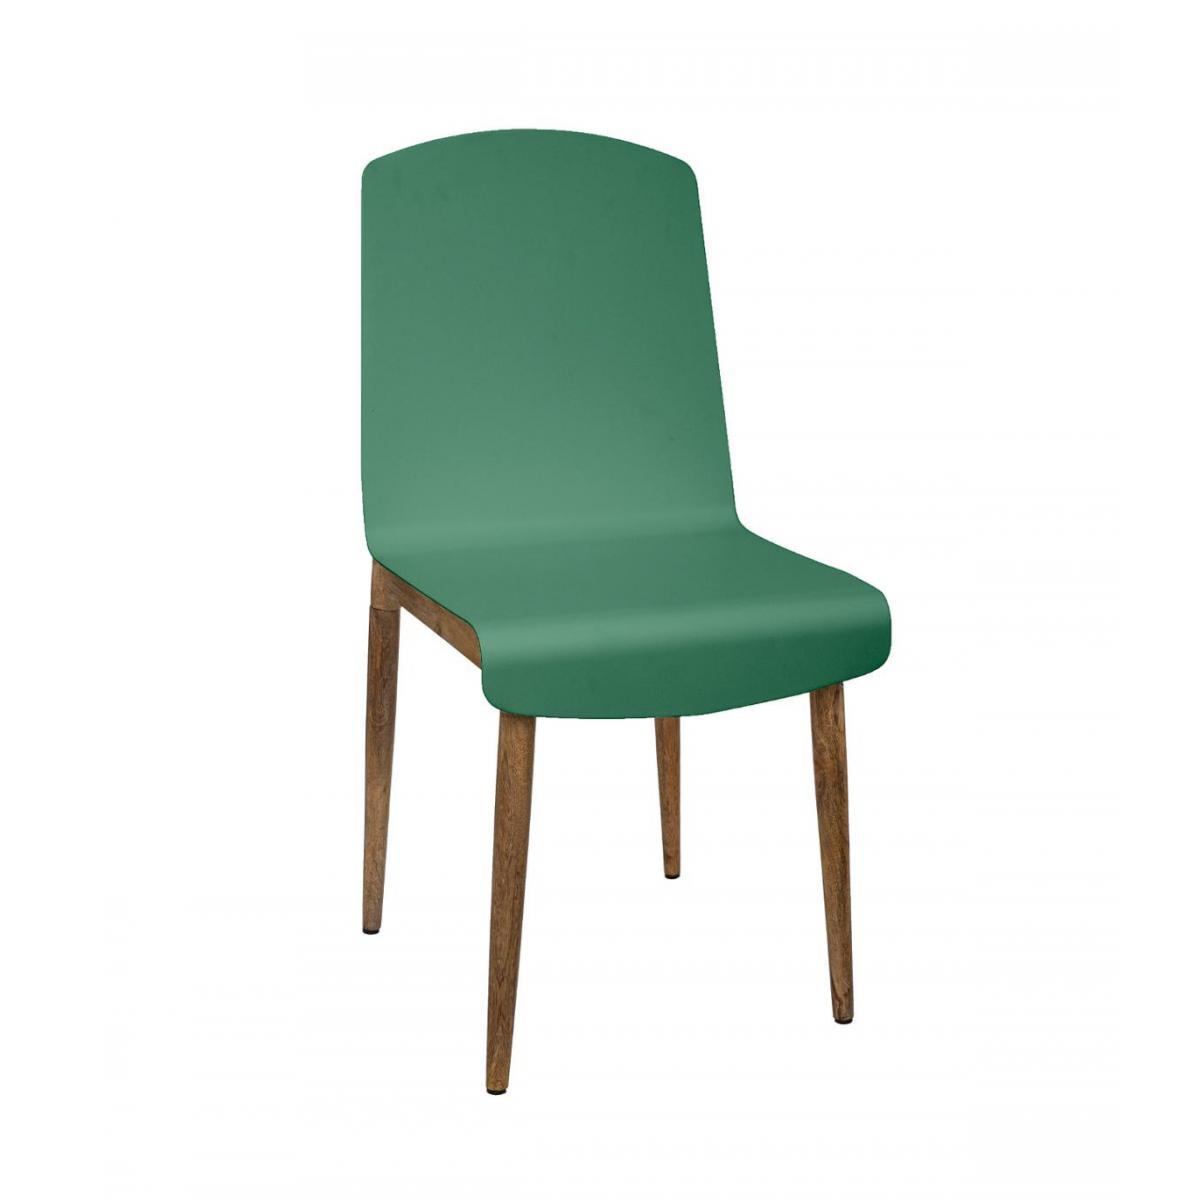 Atmosphera, Createur D'Interie Atmosphera - Chaise de Salle à Manger en Bois de Manguier et Acier Vert H 87.5 cm